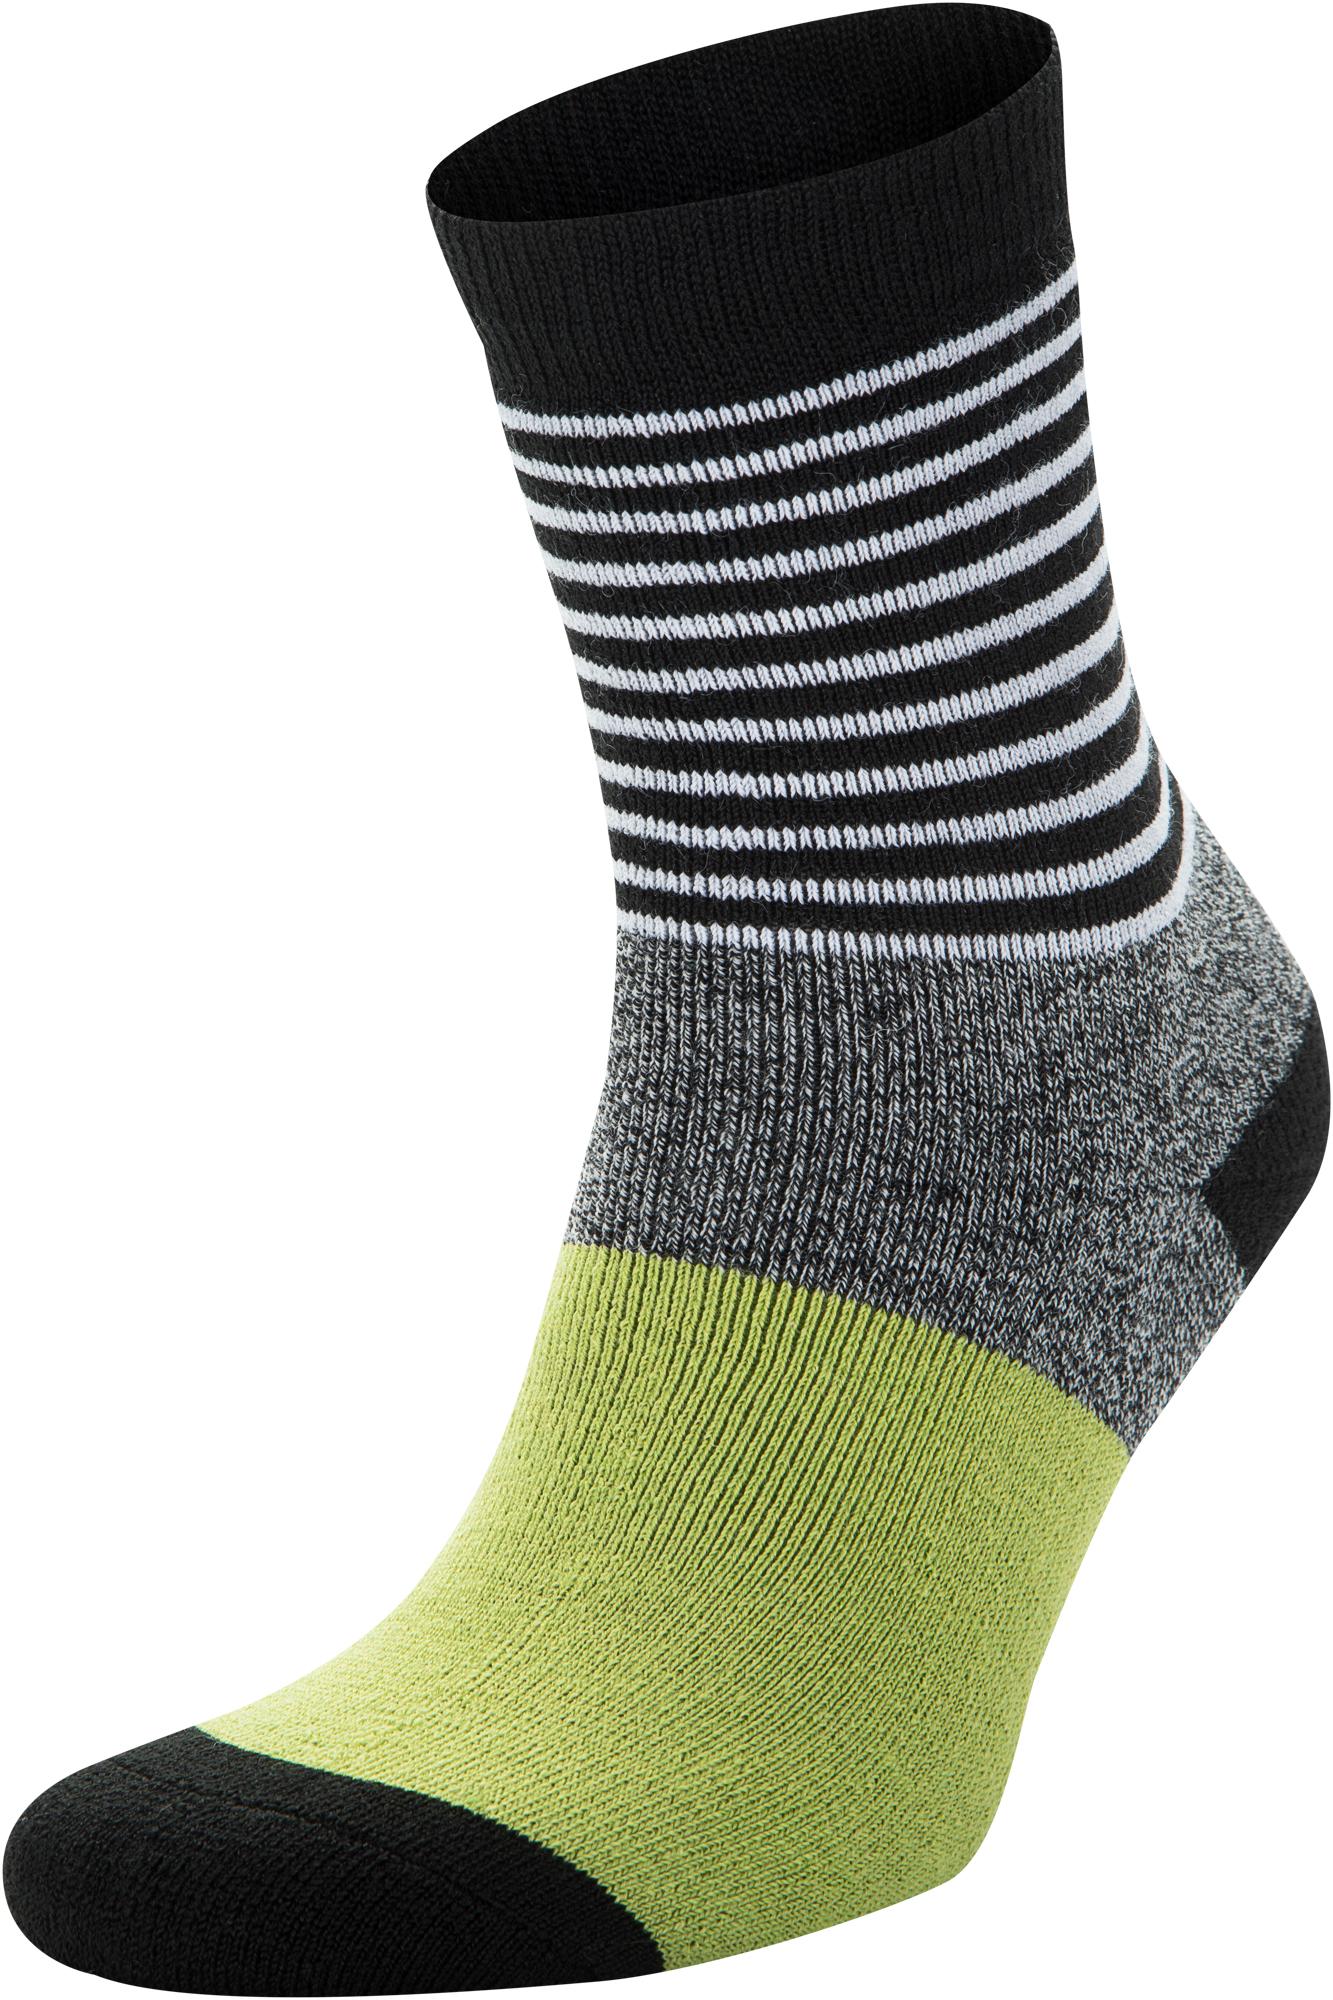 Demix Носки для мальчиков Demix, 1 пара, размер 34-36 носки holty из овечьей шерсти 040901 0400 размер s 34 36 бежевый